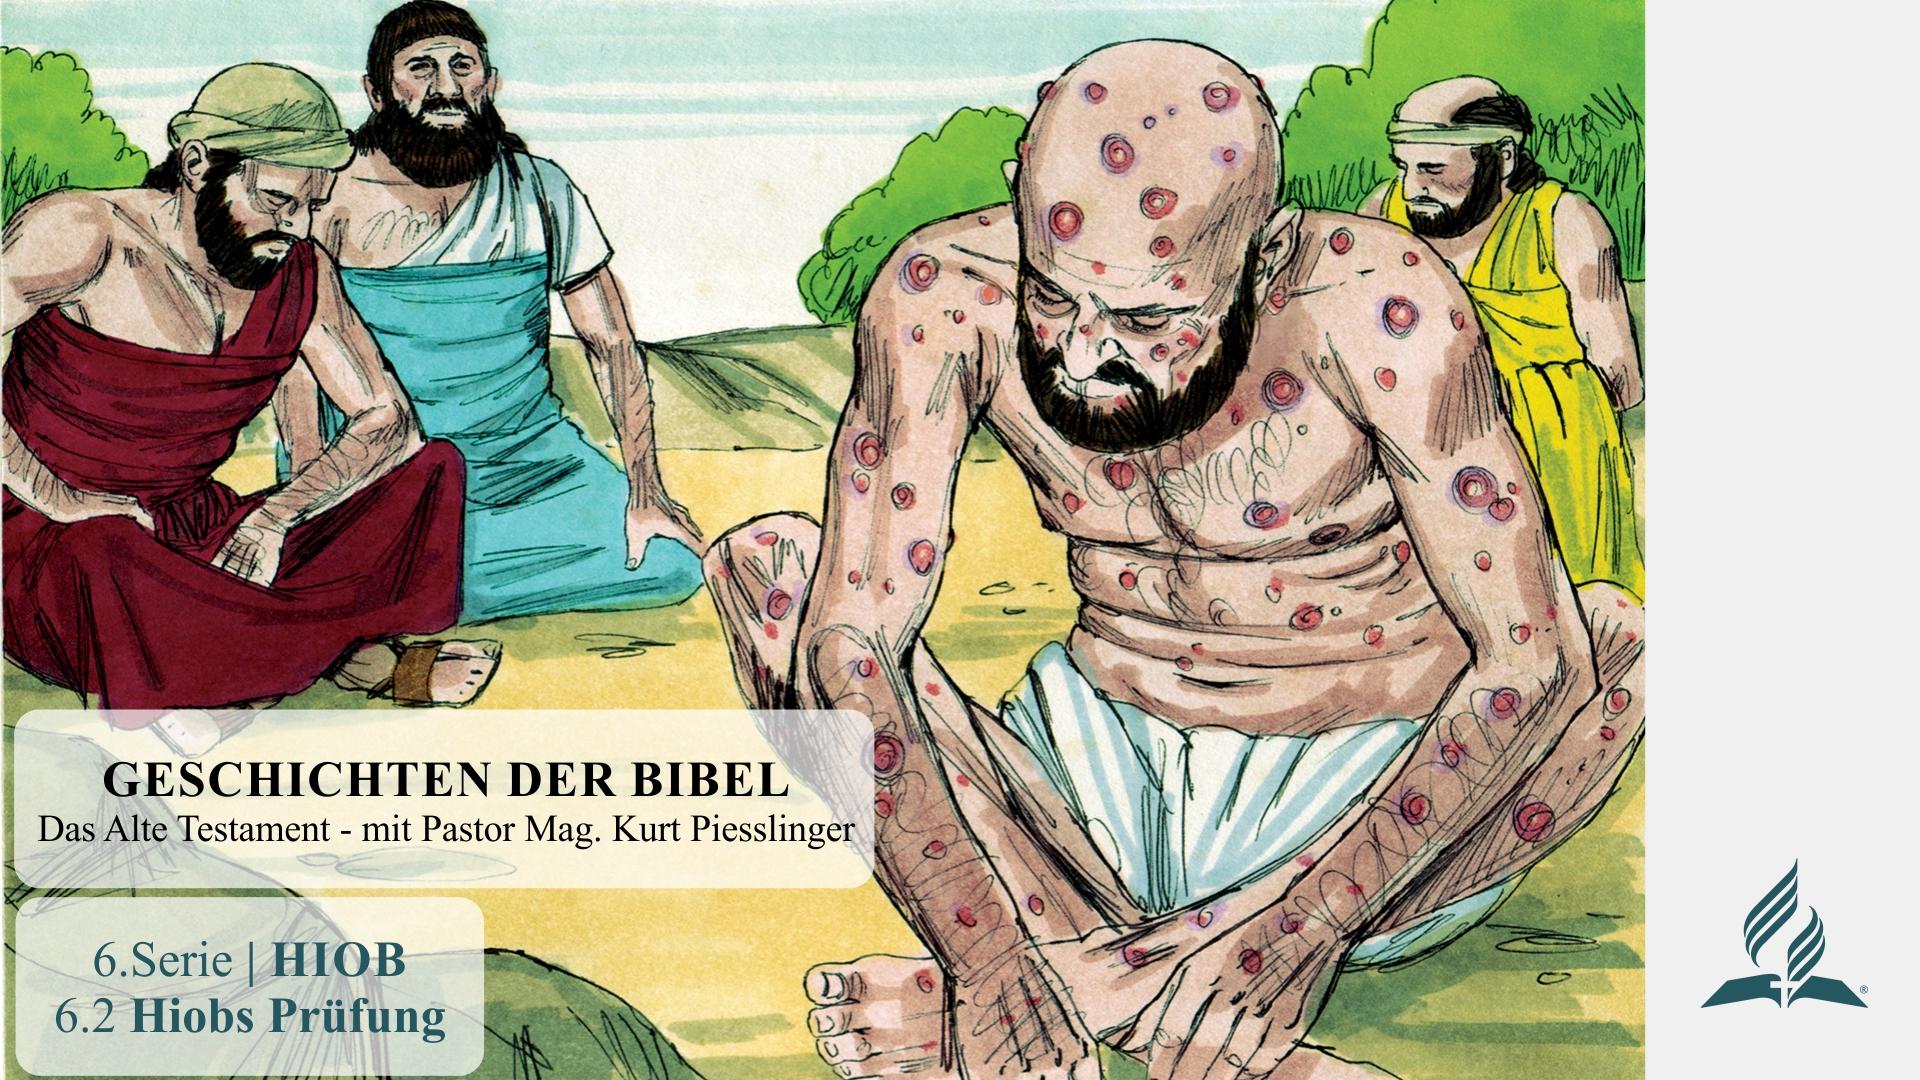 GESCHICHTEN DER BIBEL: 6.2 Hiobs Prüfung – 6.HIOB | Pastor Mag. Kurt Piesslinger